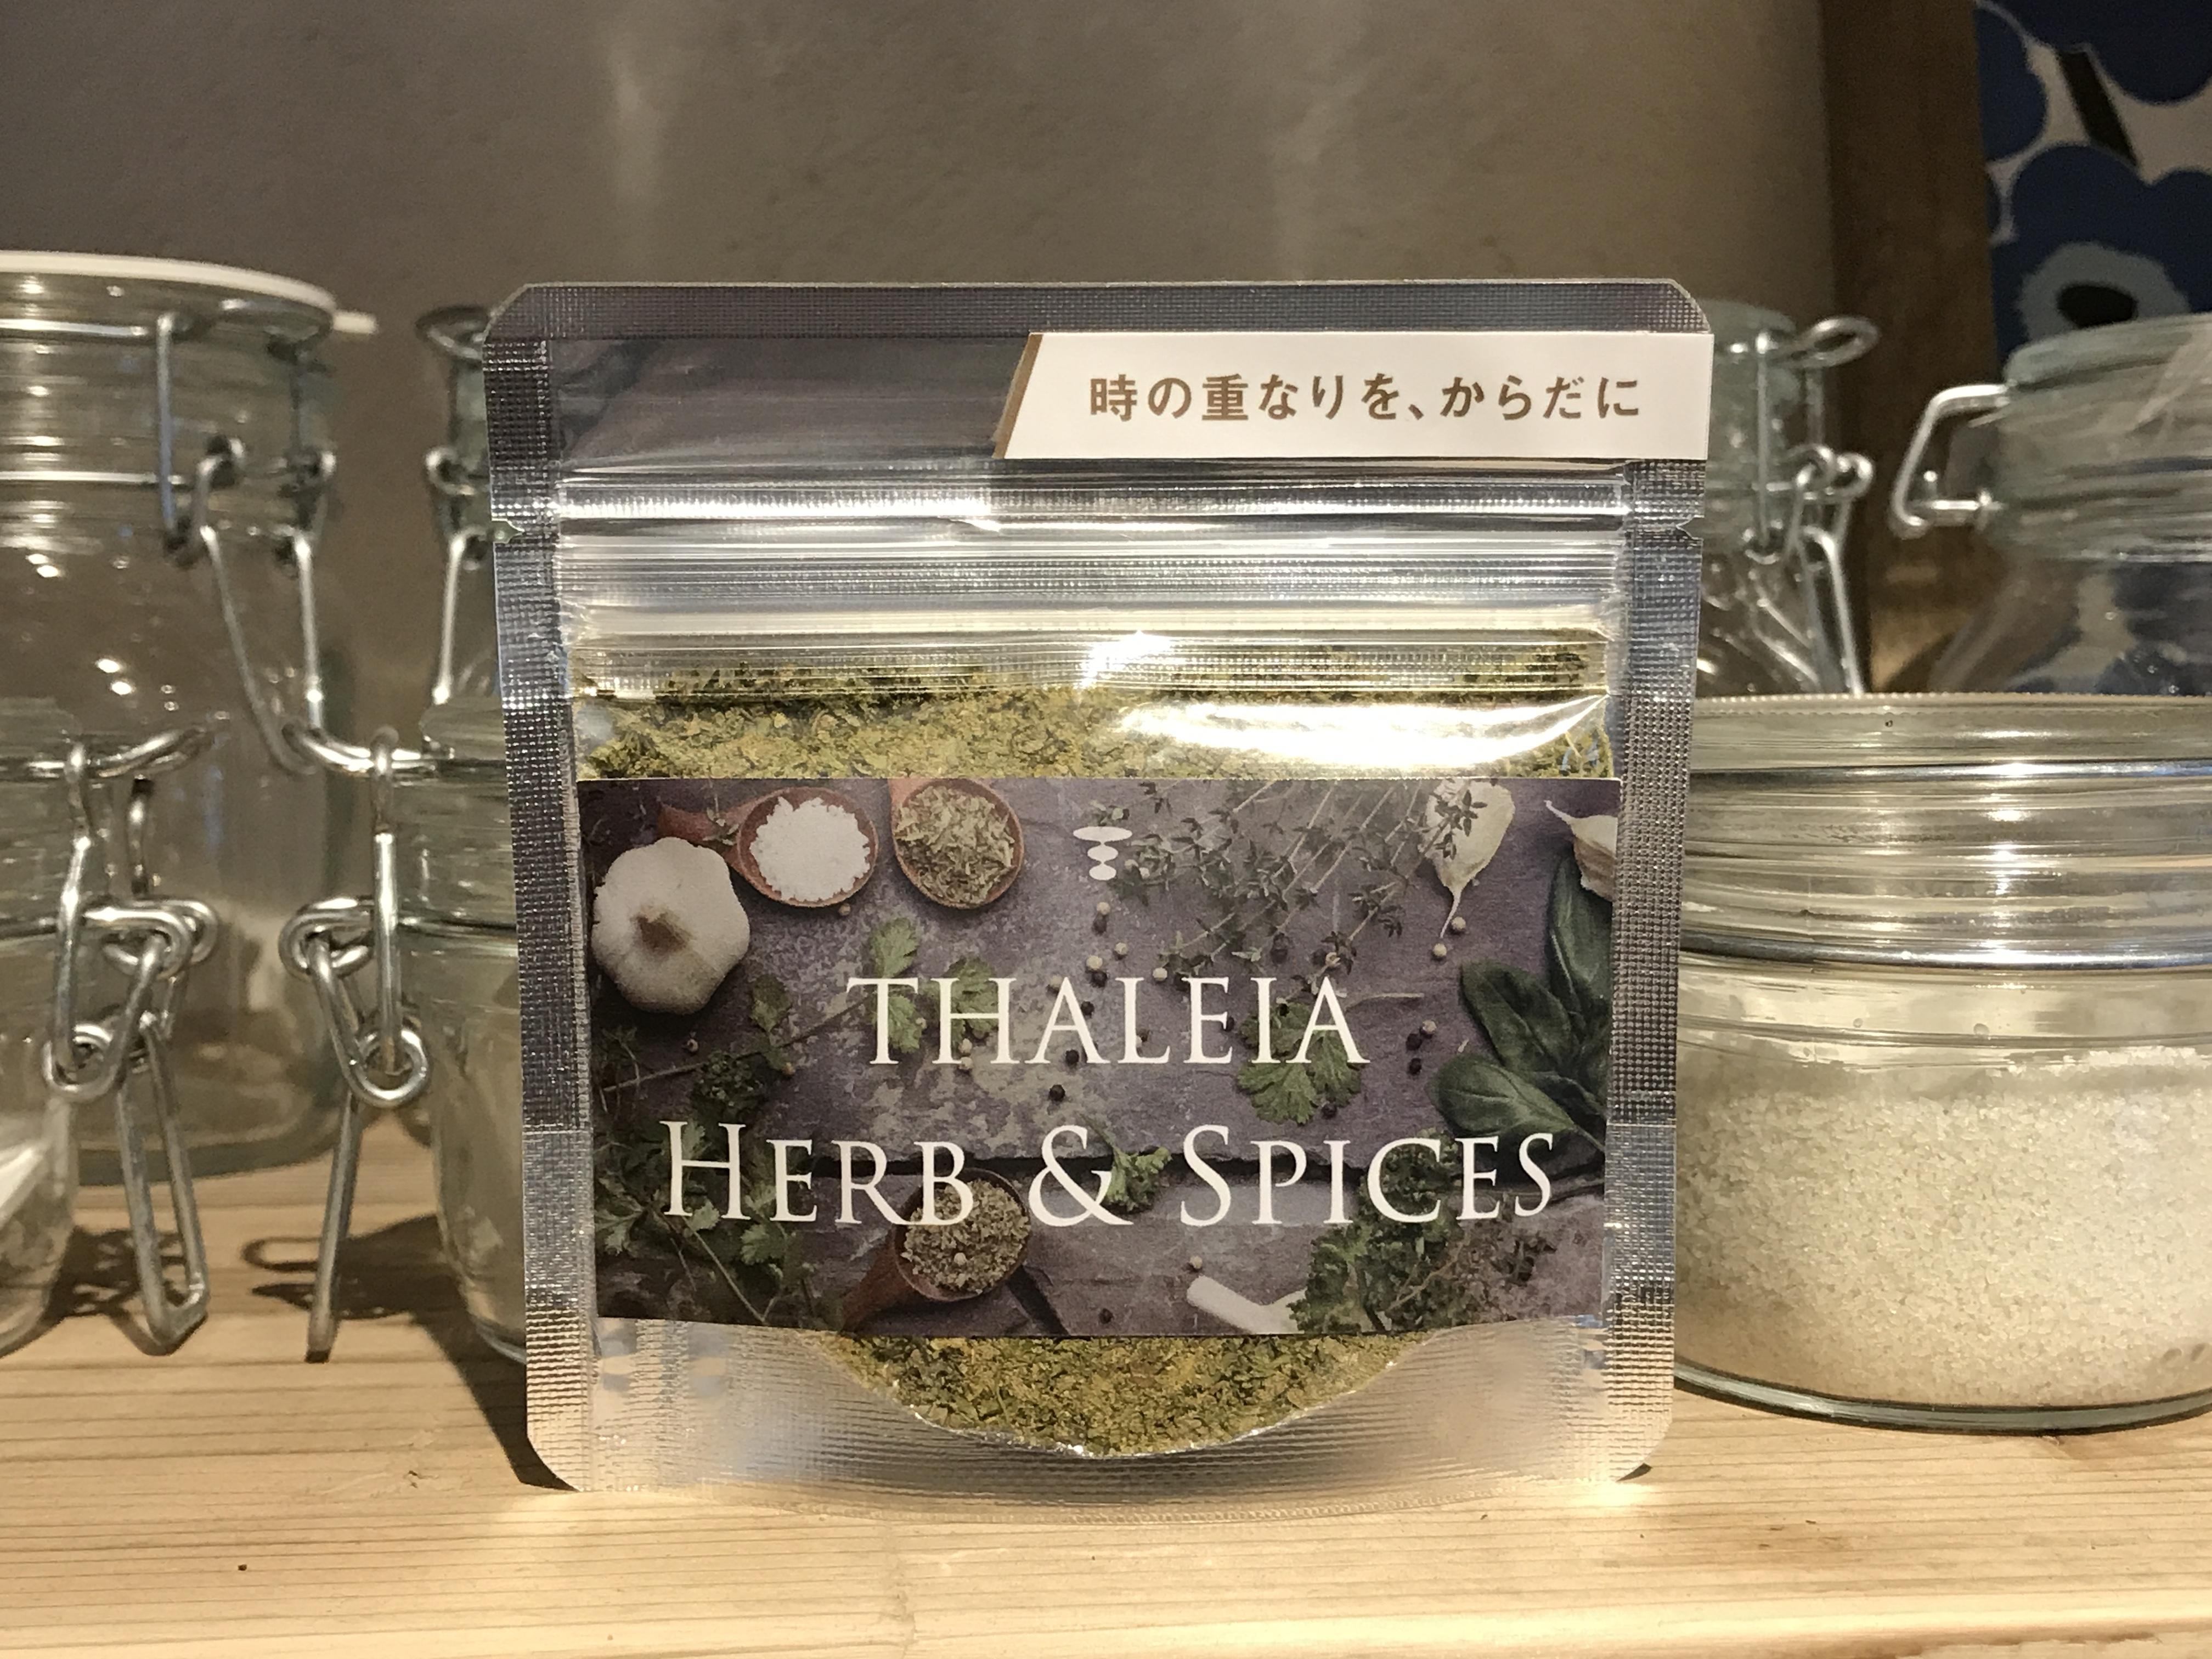 【送料無料】THALEIA HERB & SPICES タレイア ハーブ&スパイシーズ |化学調味料不使用 アレルゲンフリー|ハーブとスパイスの調味料